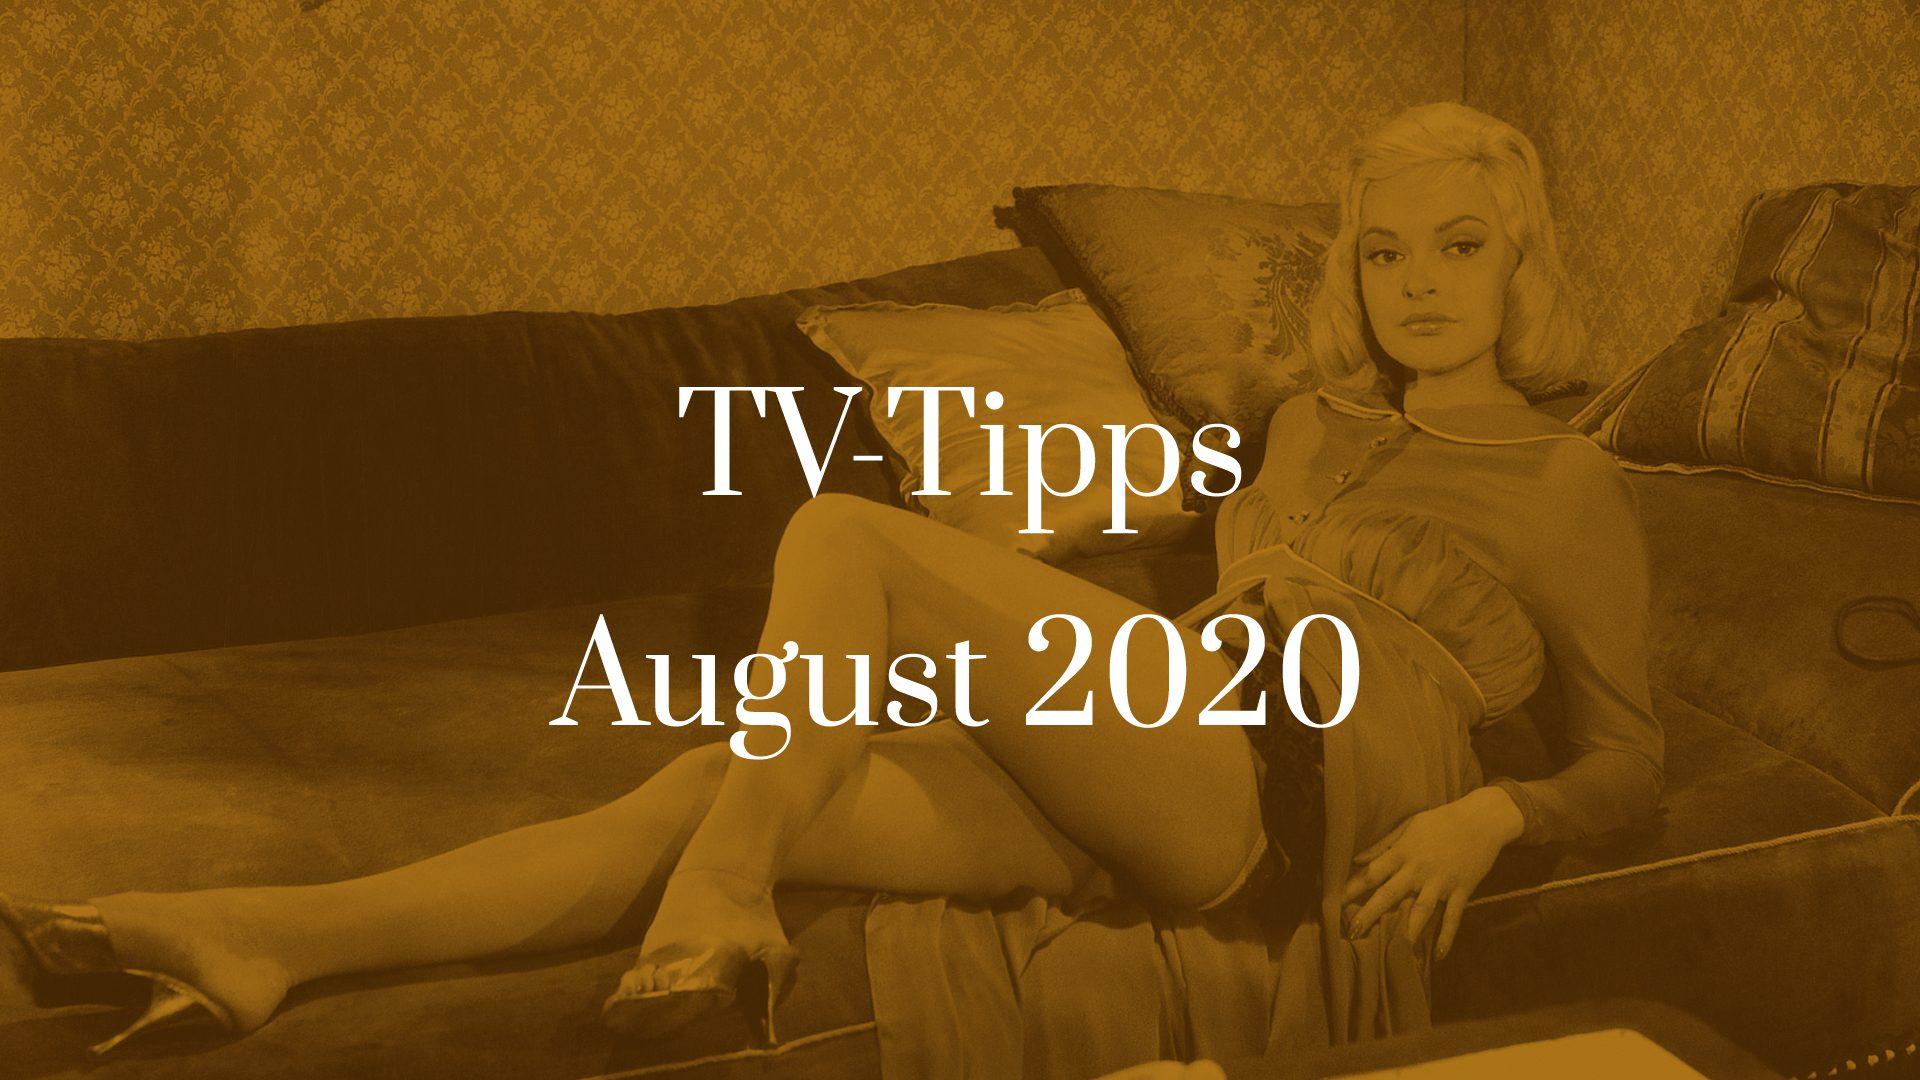 Titelbild zu TV-Tipps für August 2020